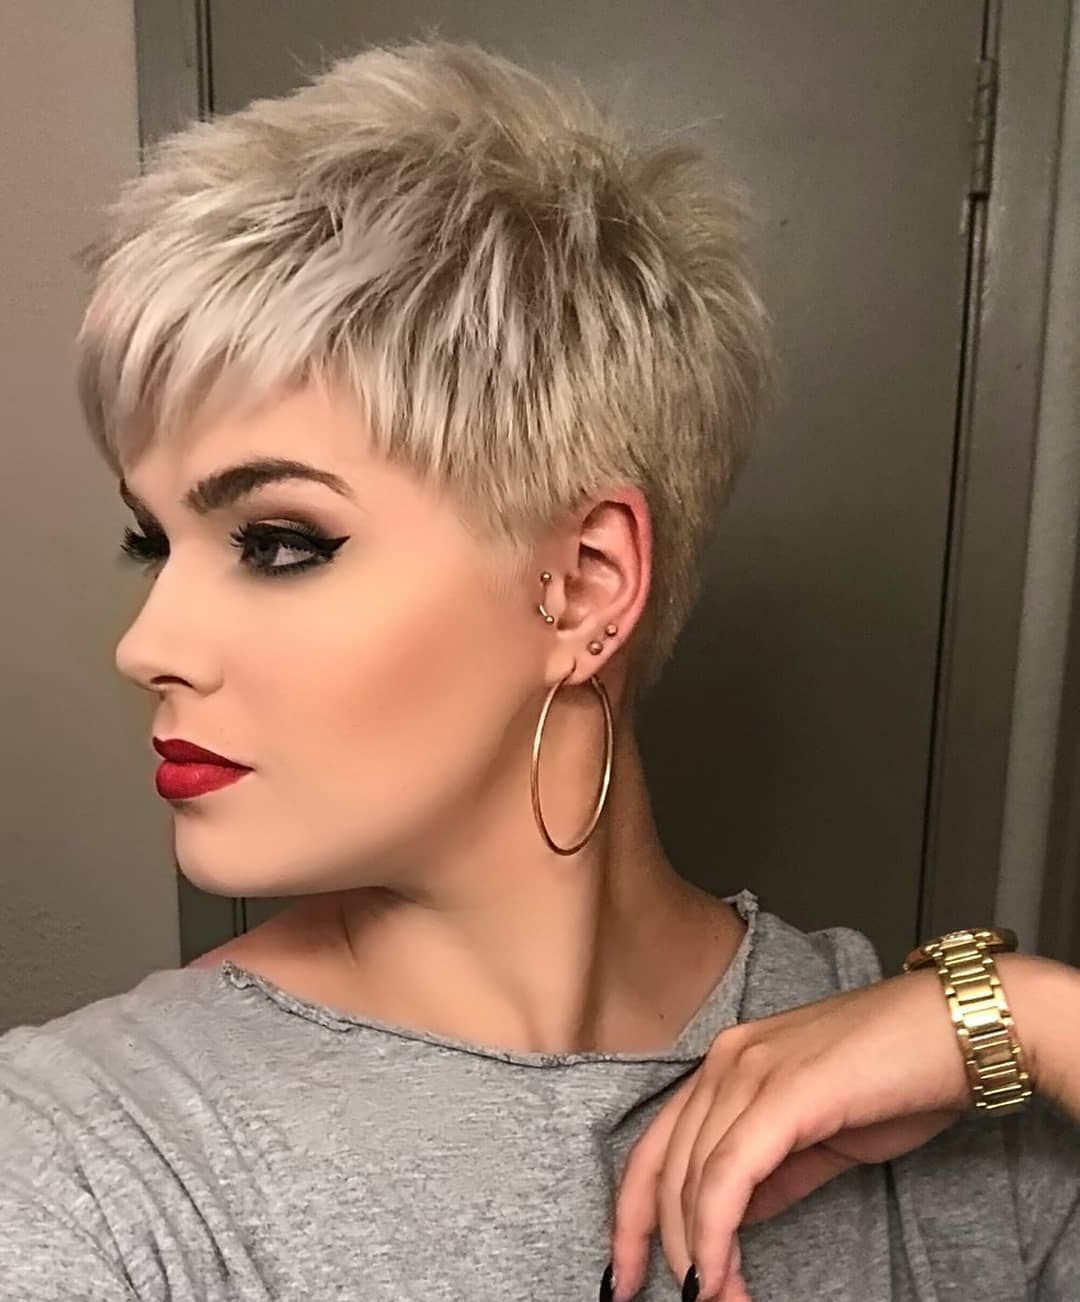 Short blonde pixie cut | Hair dos | Short hair cuts for ...